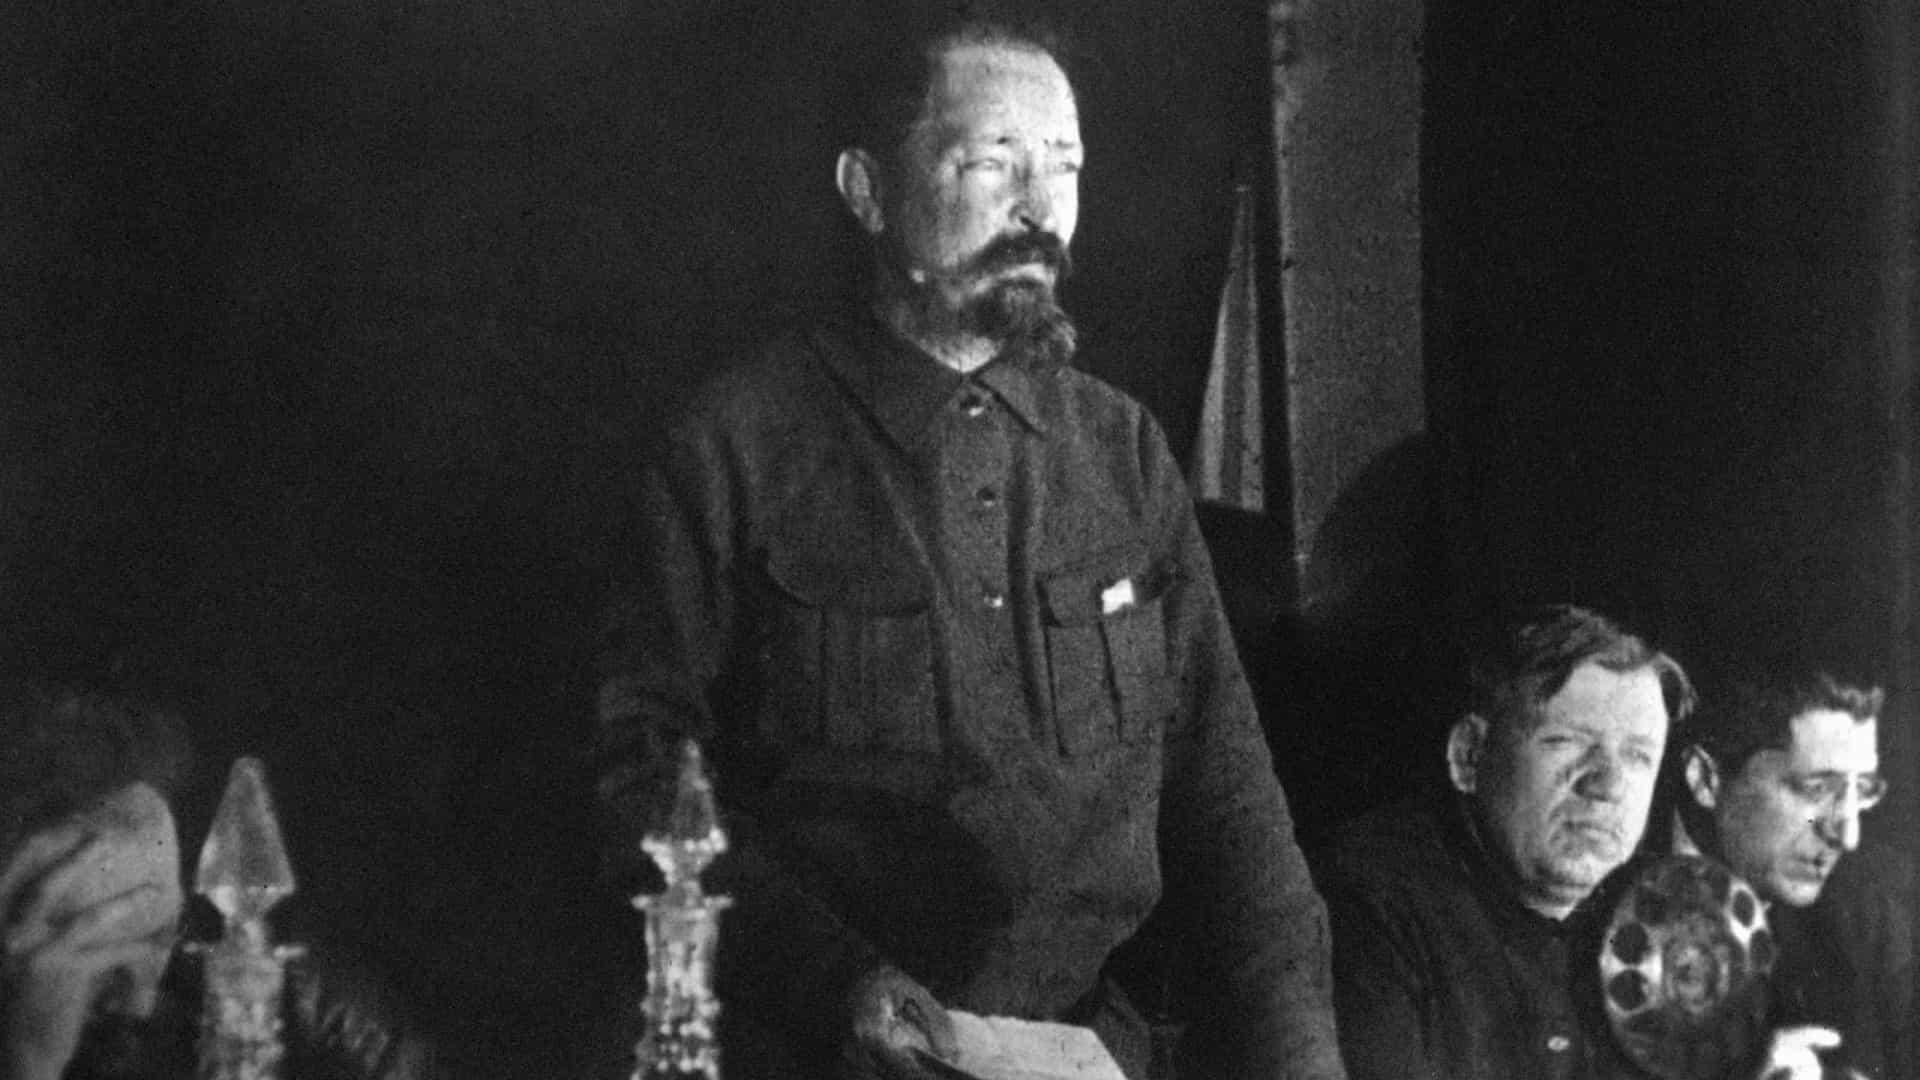 Moscou desiste de reabilitar estátua de pai do terror soviético